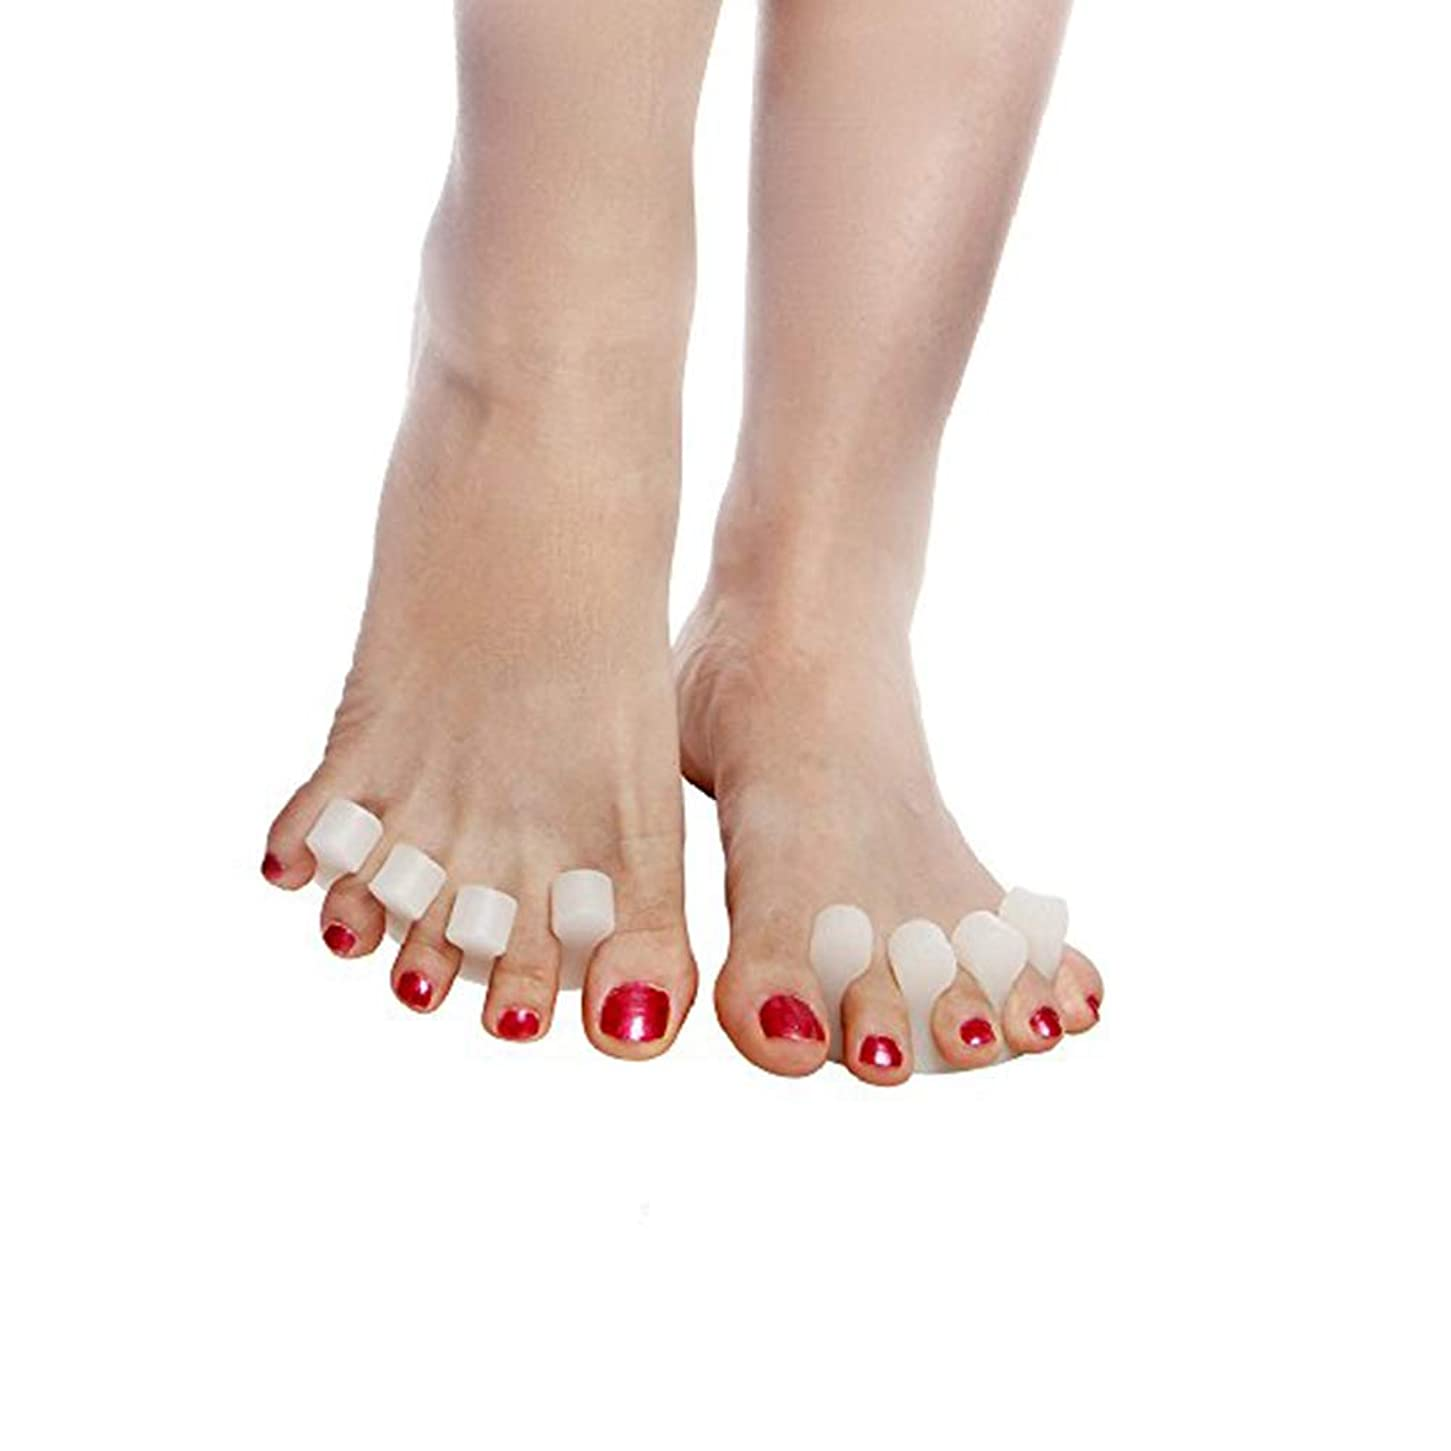 居眠りする敬意を表する意味するBeito 足指セパレーター,足指広げる 指間ジェルサポーター ネイル ペディキュア用 外反母趾パッド 内反小趾 手指足指全開両用 分離シリコンパッド ヨガ マニキュア用 4個セット